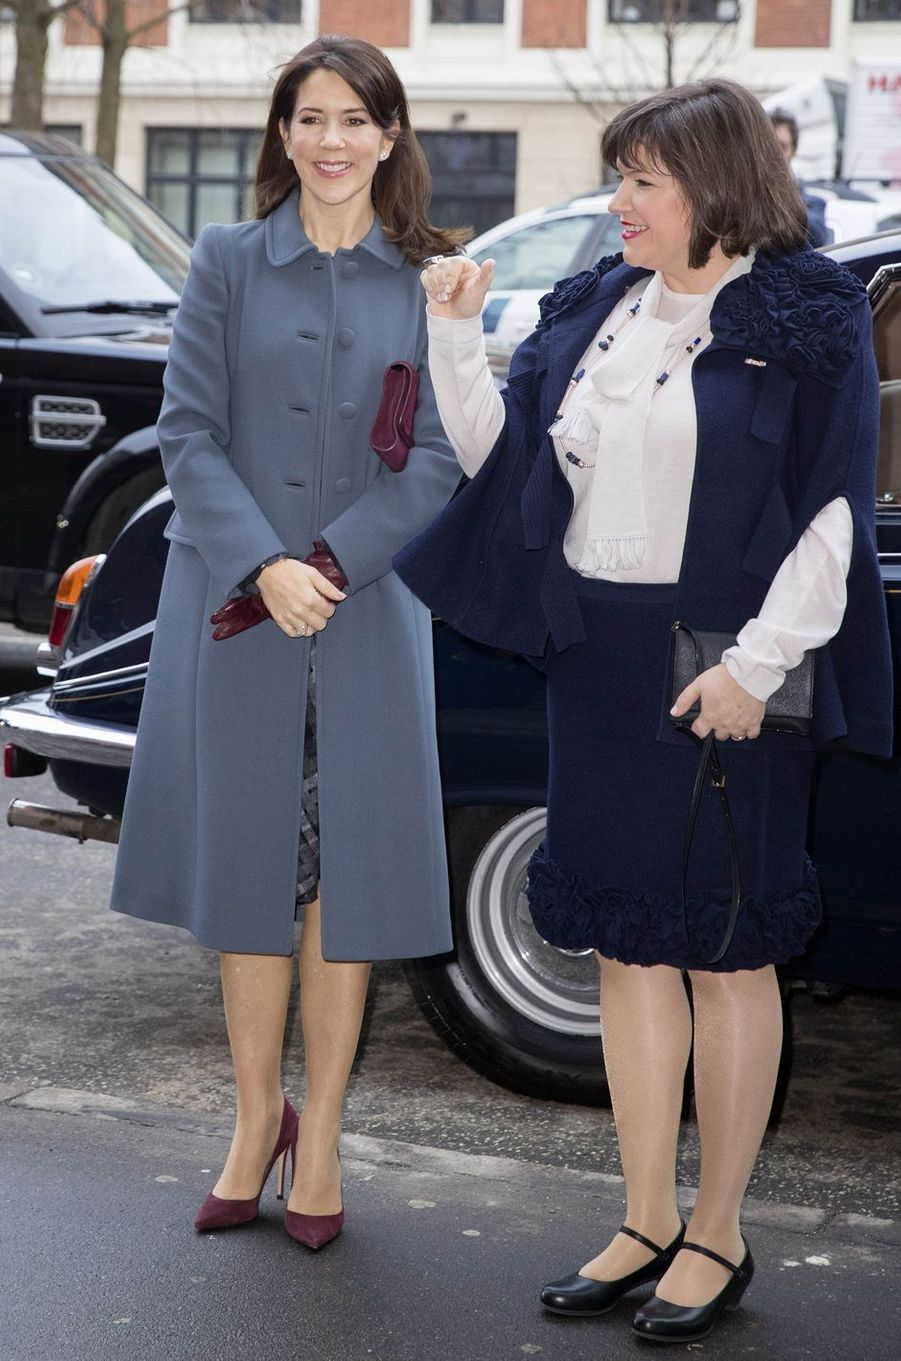 La princesse Mary de Danemark avec la Première Dame d'Islande à Copenhague, le 25 janvier 2017